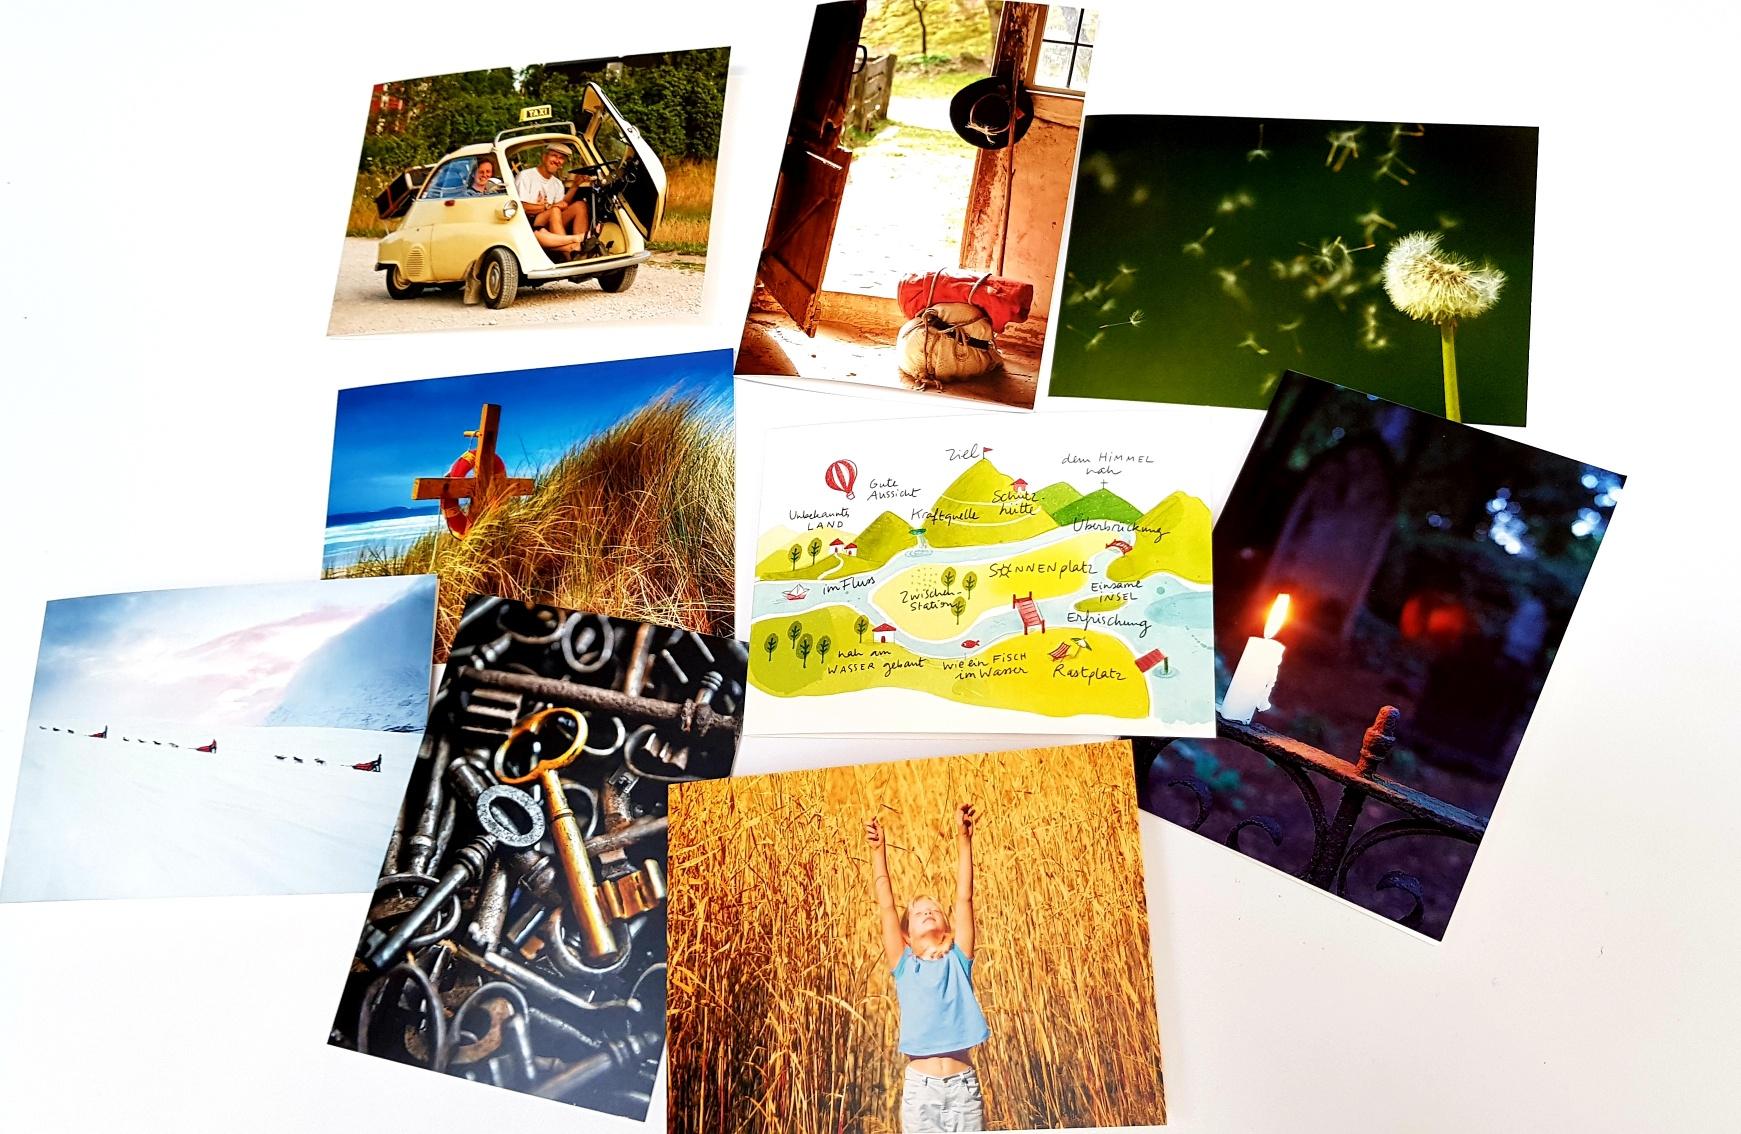 Die neun Postkarten aus dem Set auf einem Tisch